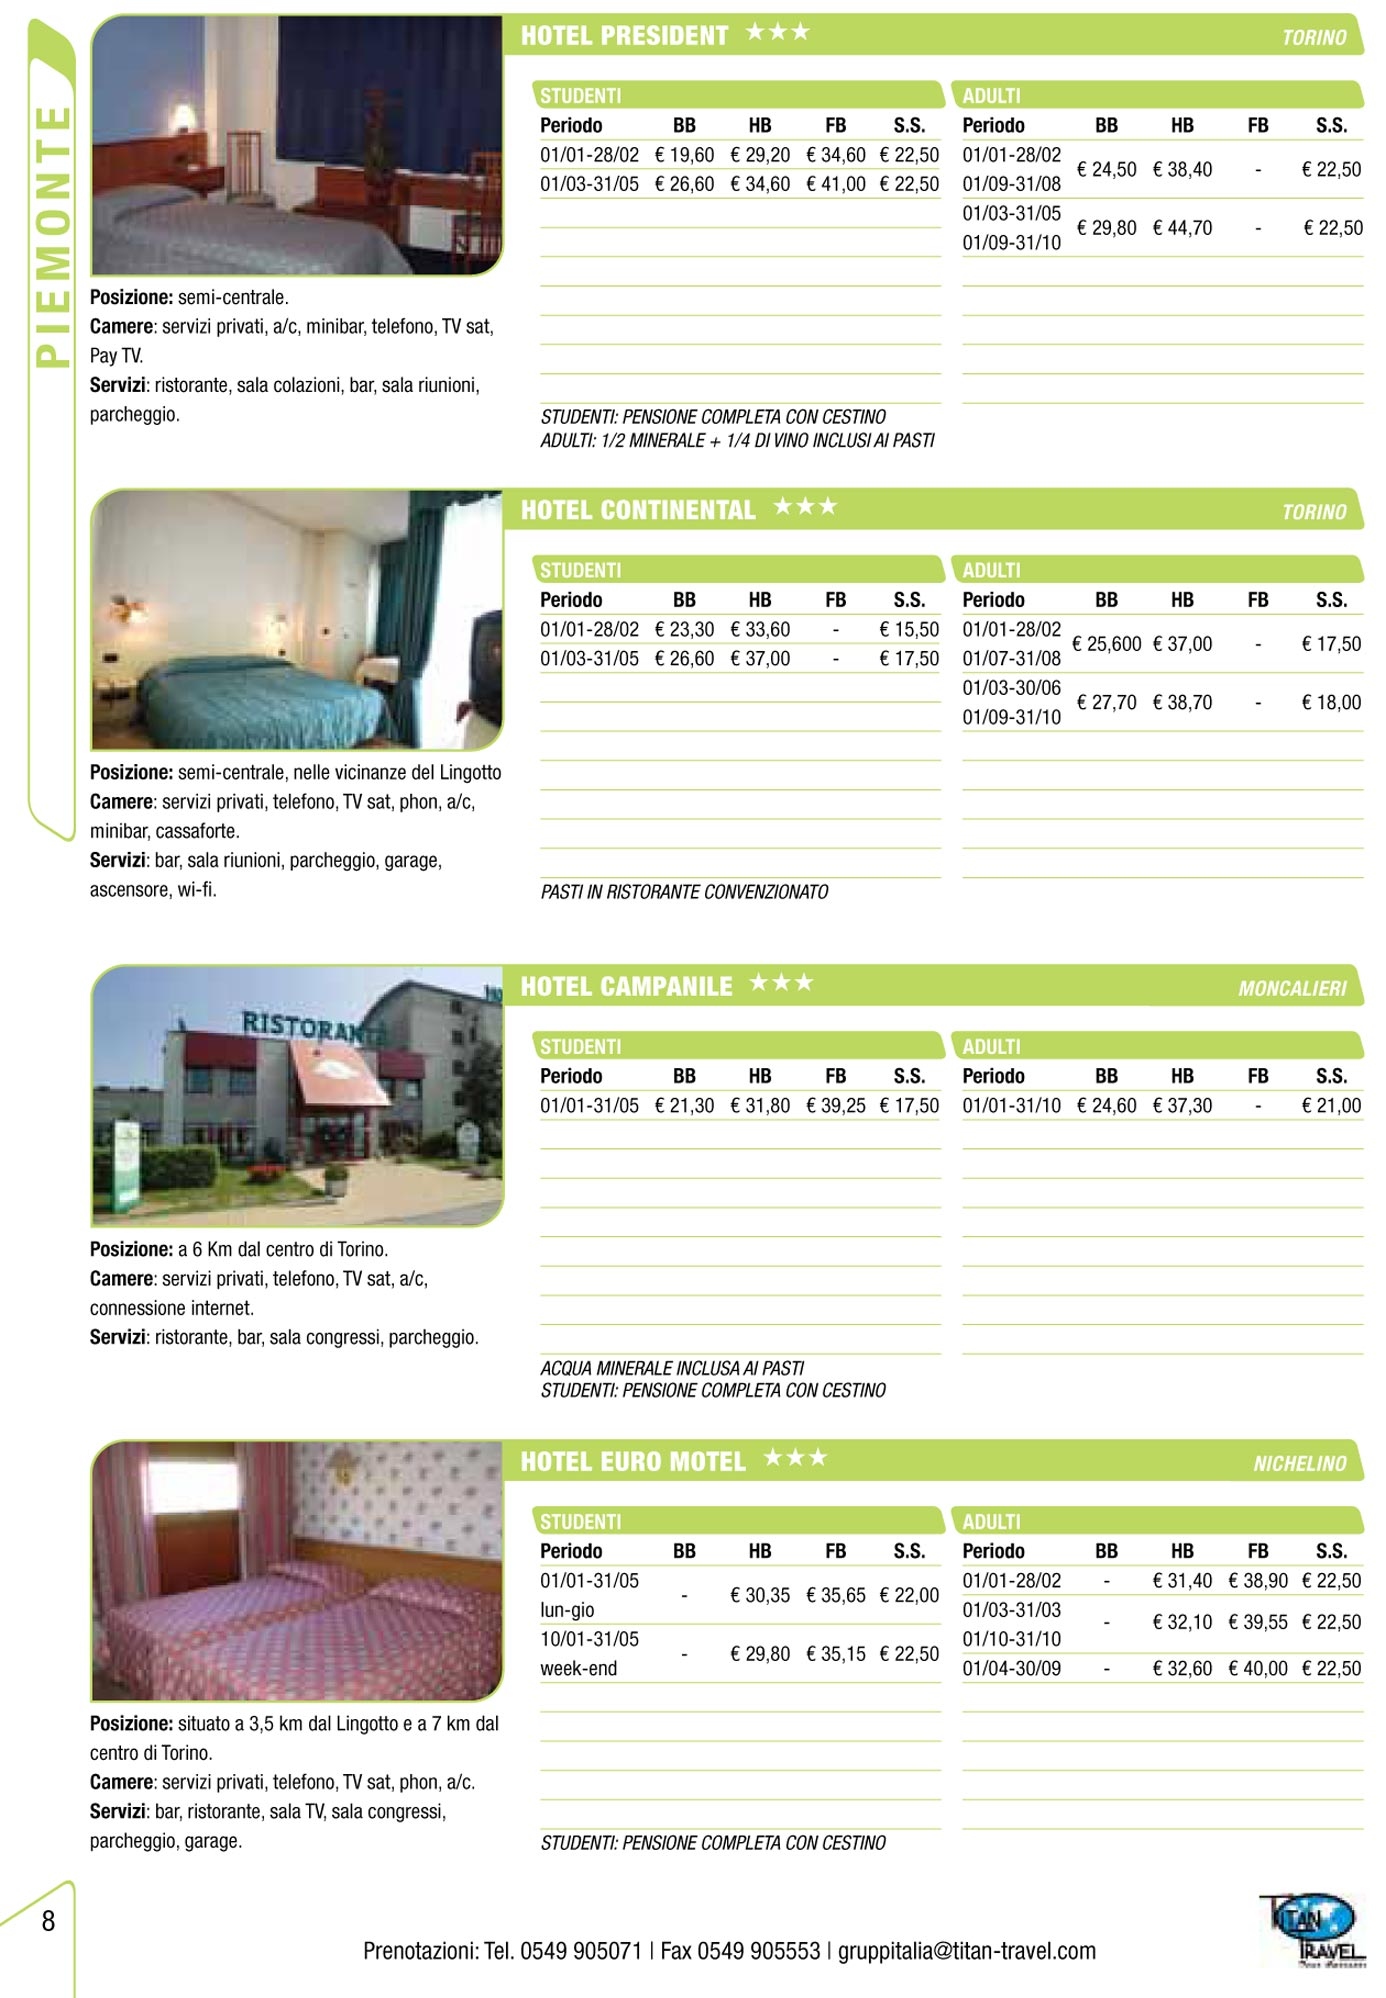 Catalogo titan travel 2011 samuele grassi for Clienti sinonimo